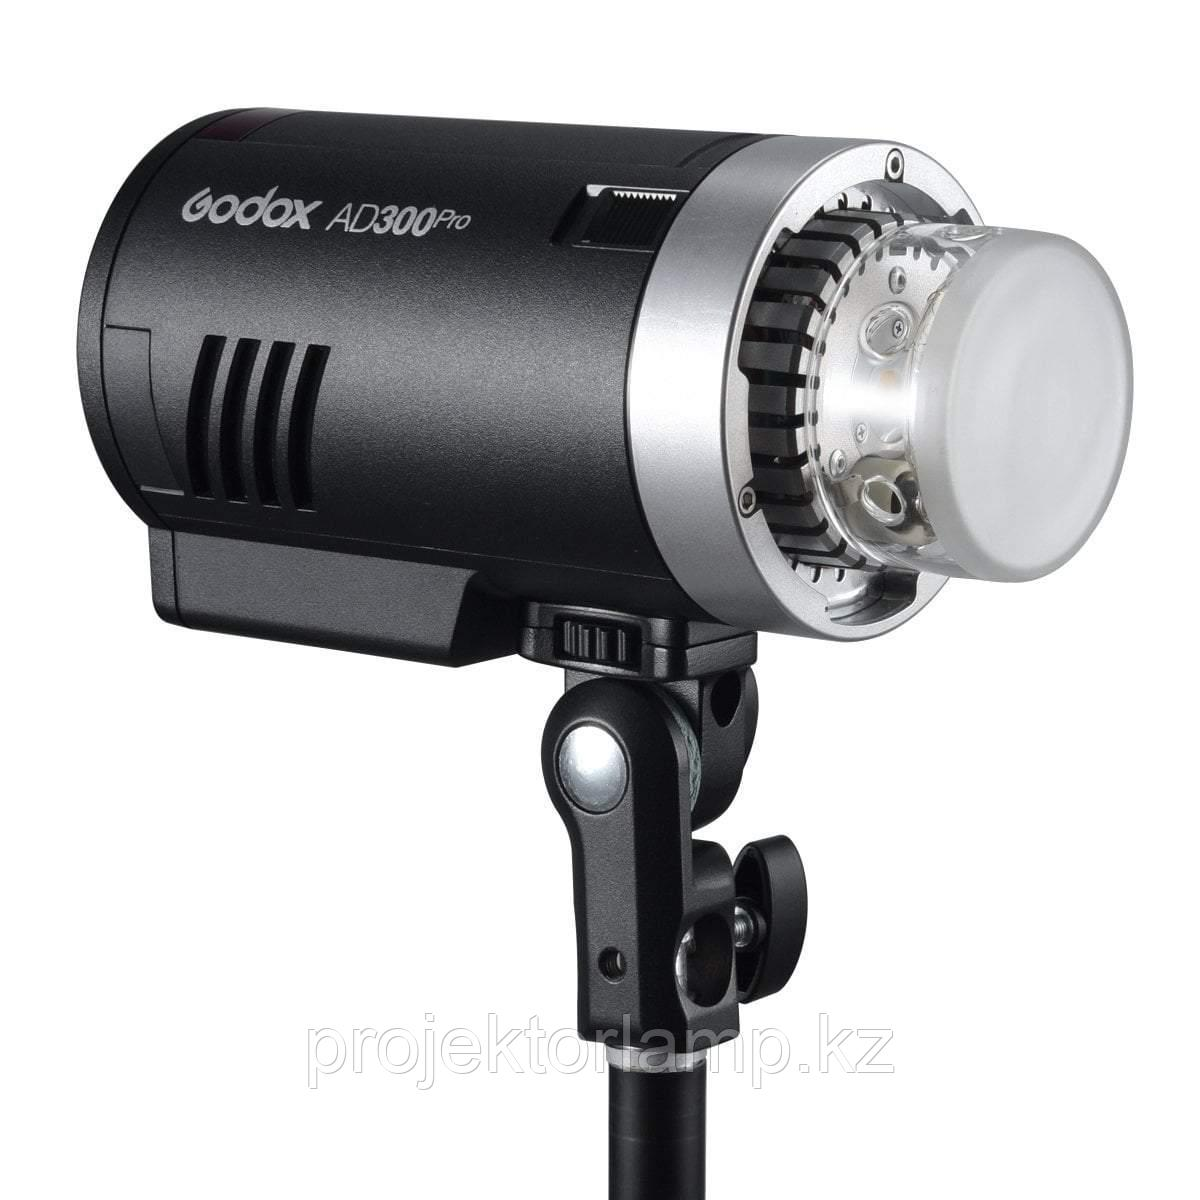 Вспышка аккумуляторная Godox AD300 Pro